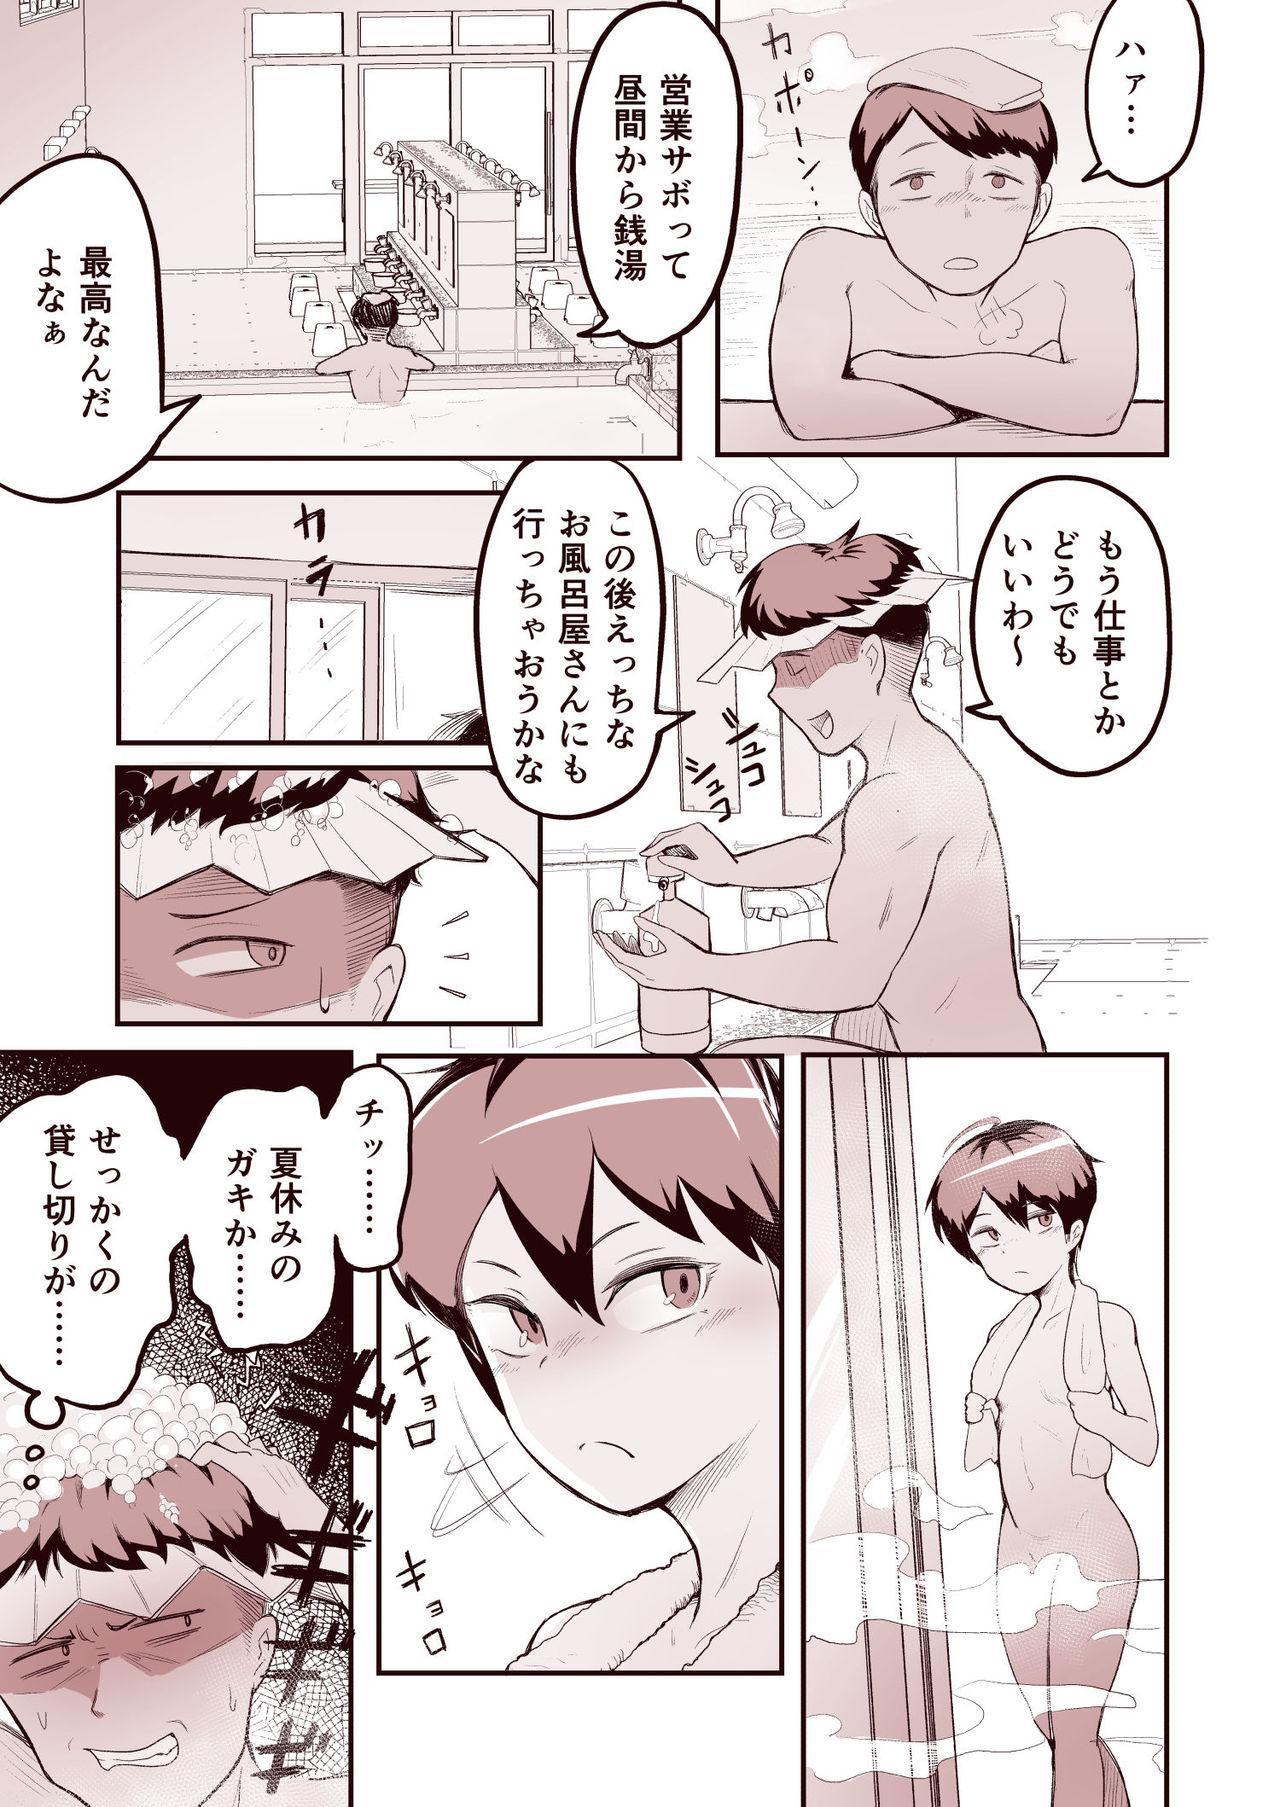 Mesugaki Boyish Bath Time Shitsuke no natte nai Loli Bitch ni Ofuro no Manner o Tatakikome! 1